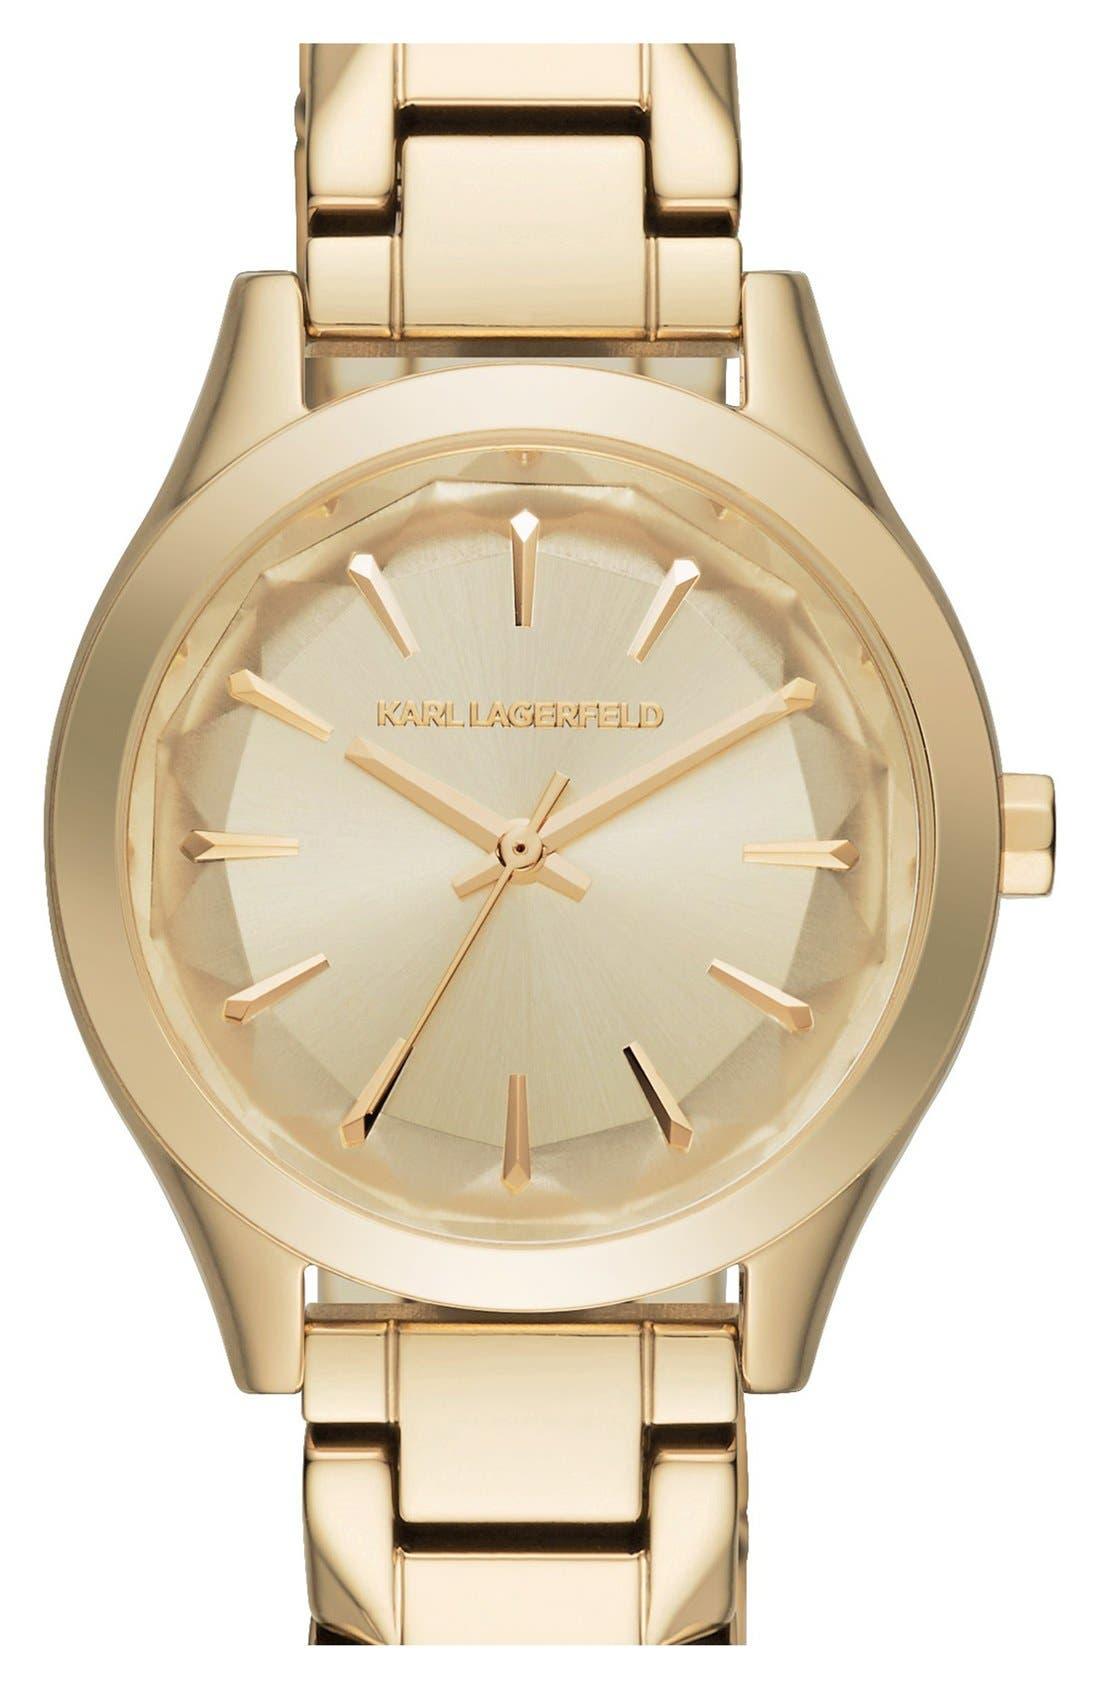 Main Image - Karl Lagerfeld 'Belleville' Bracelet Watch, 31mm